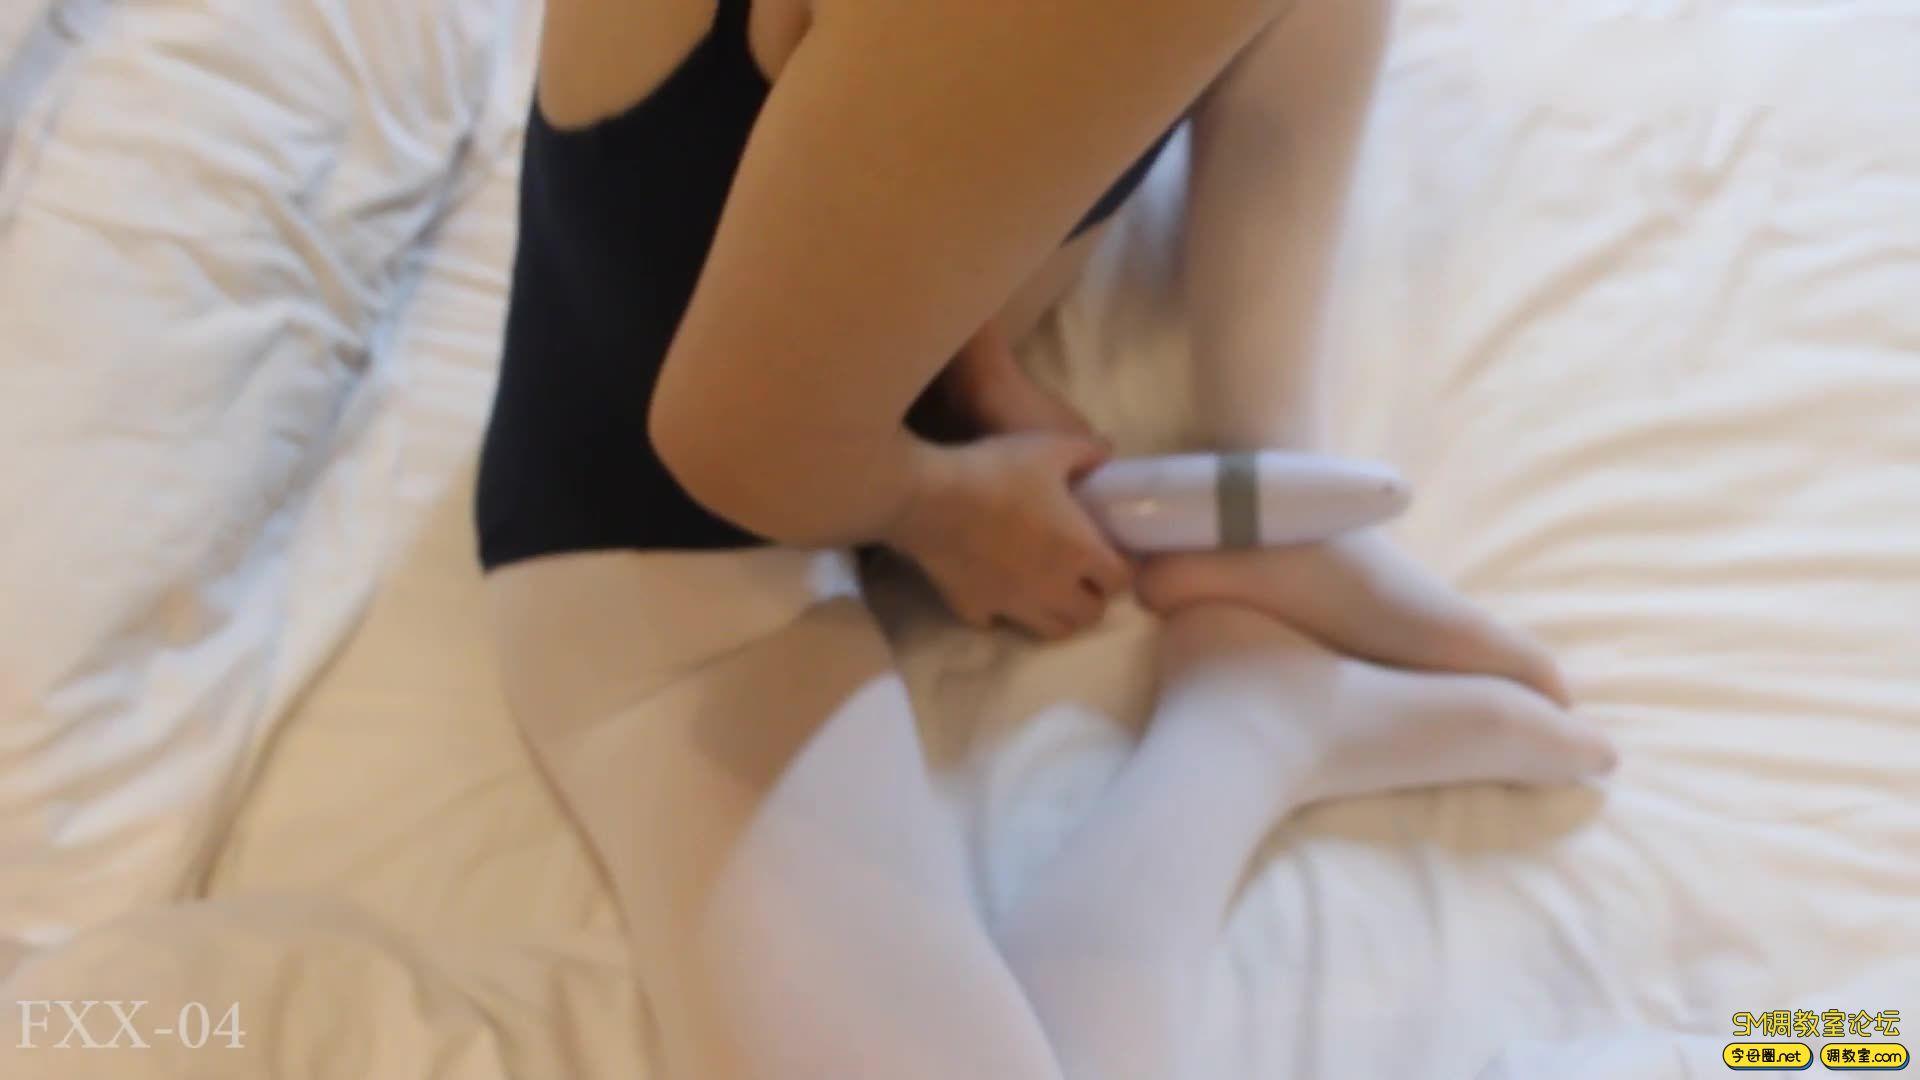 【FXX-04】_体操服配白丝 没有感情的皮鞭-视频截图1